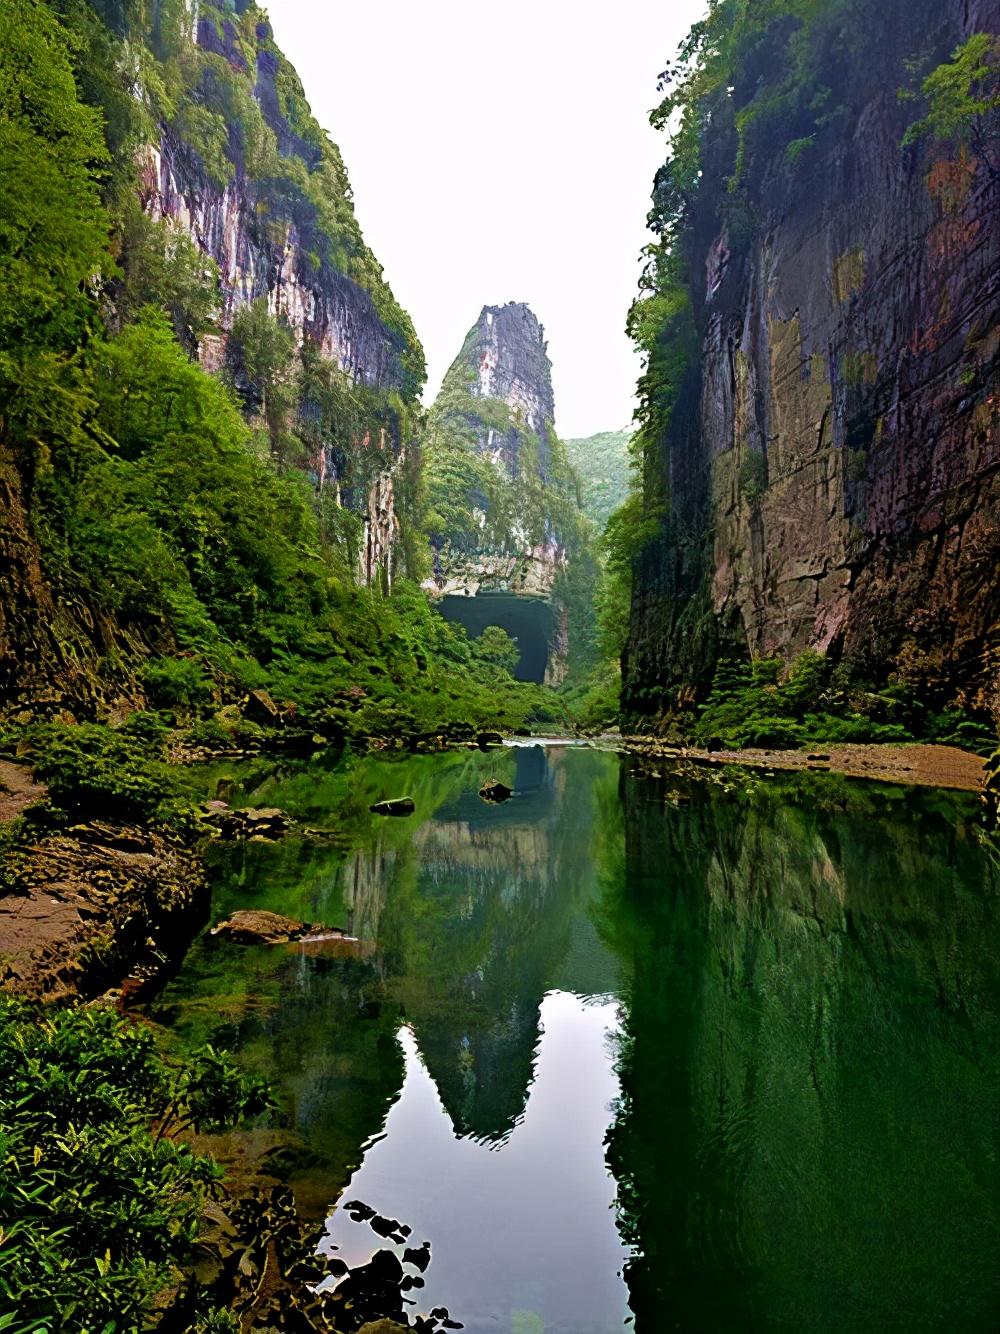 2021五一热门旅游景点惠水海里天生桥、燕子洞:贵州神奇的岩溶景观,尚未开发